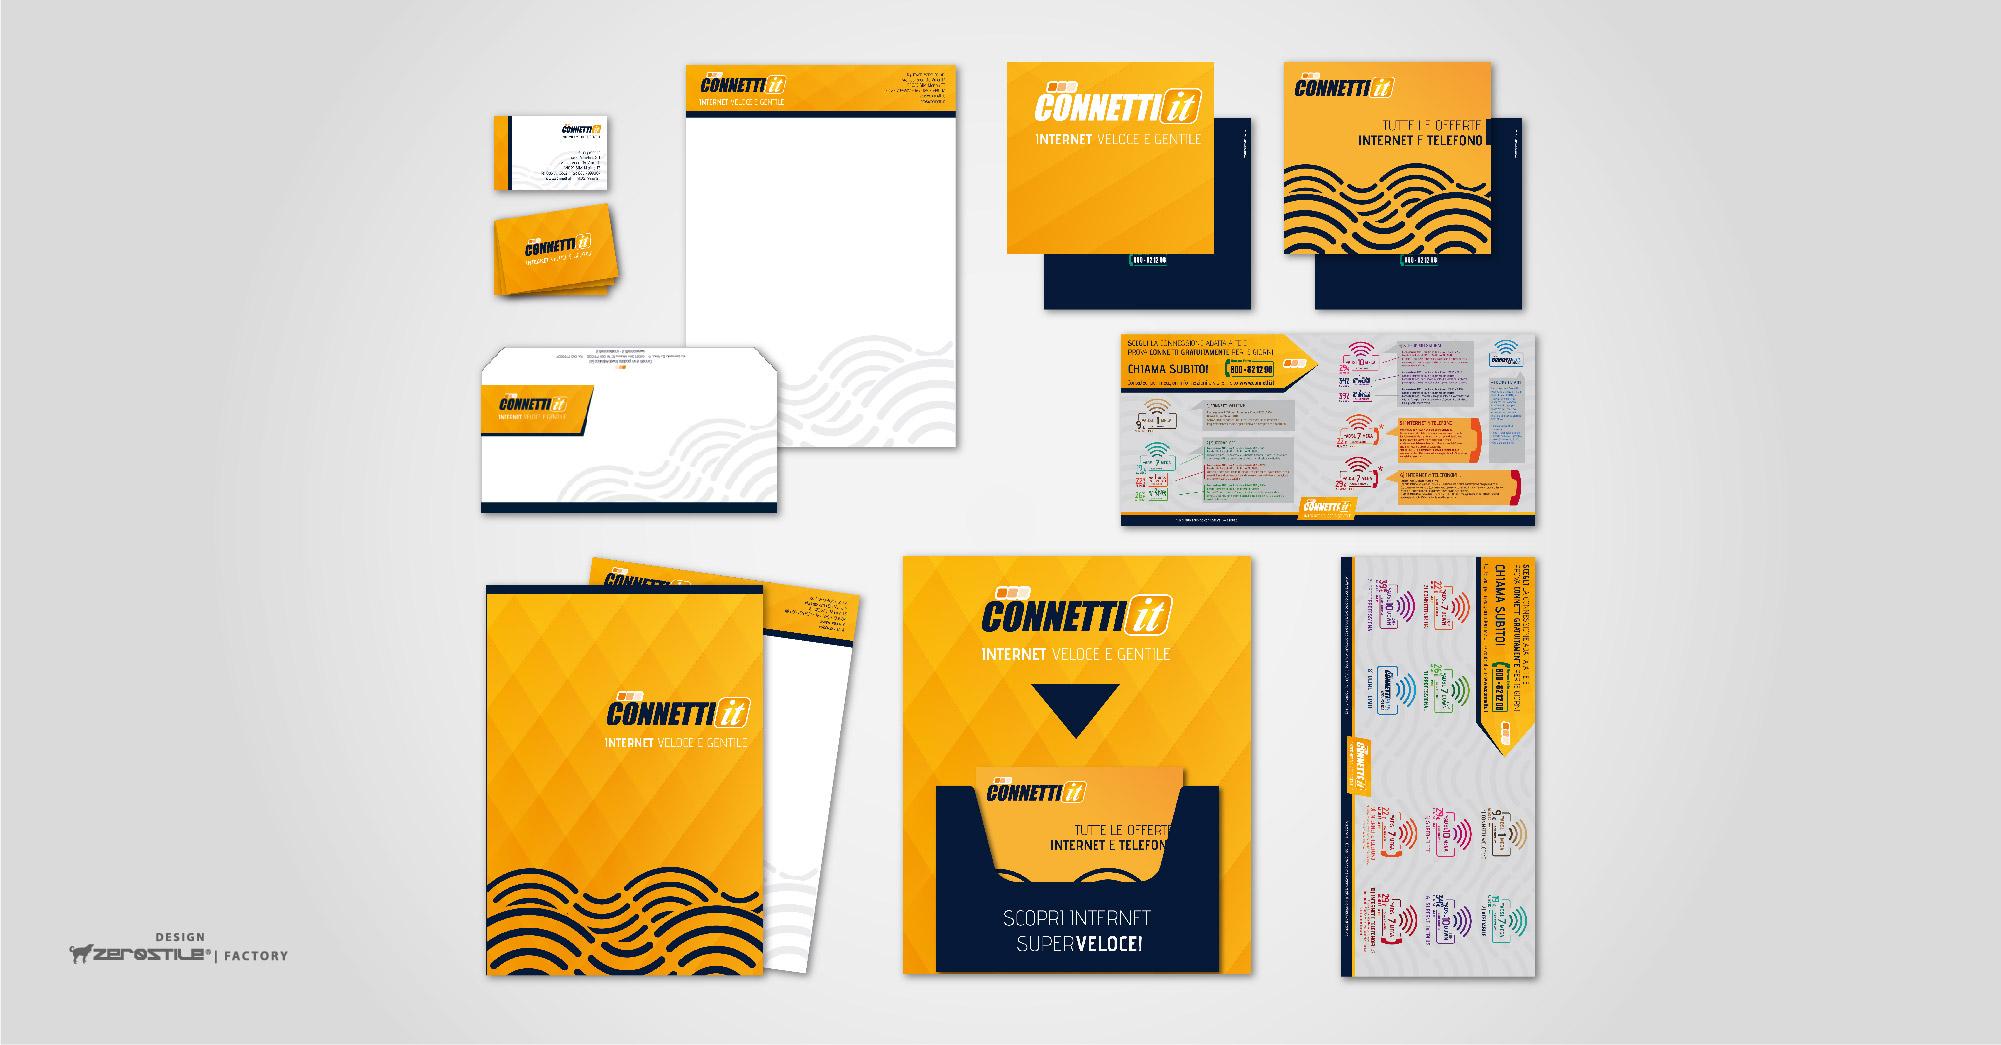 connetti_Brand Identity_Porfolio Gallery